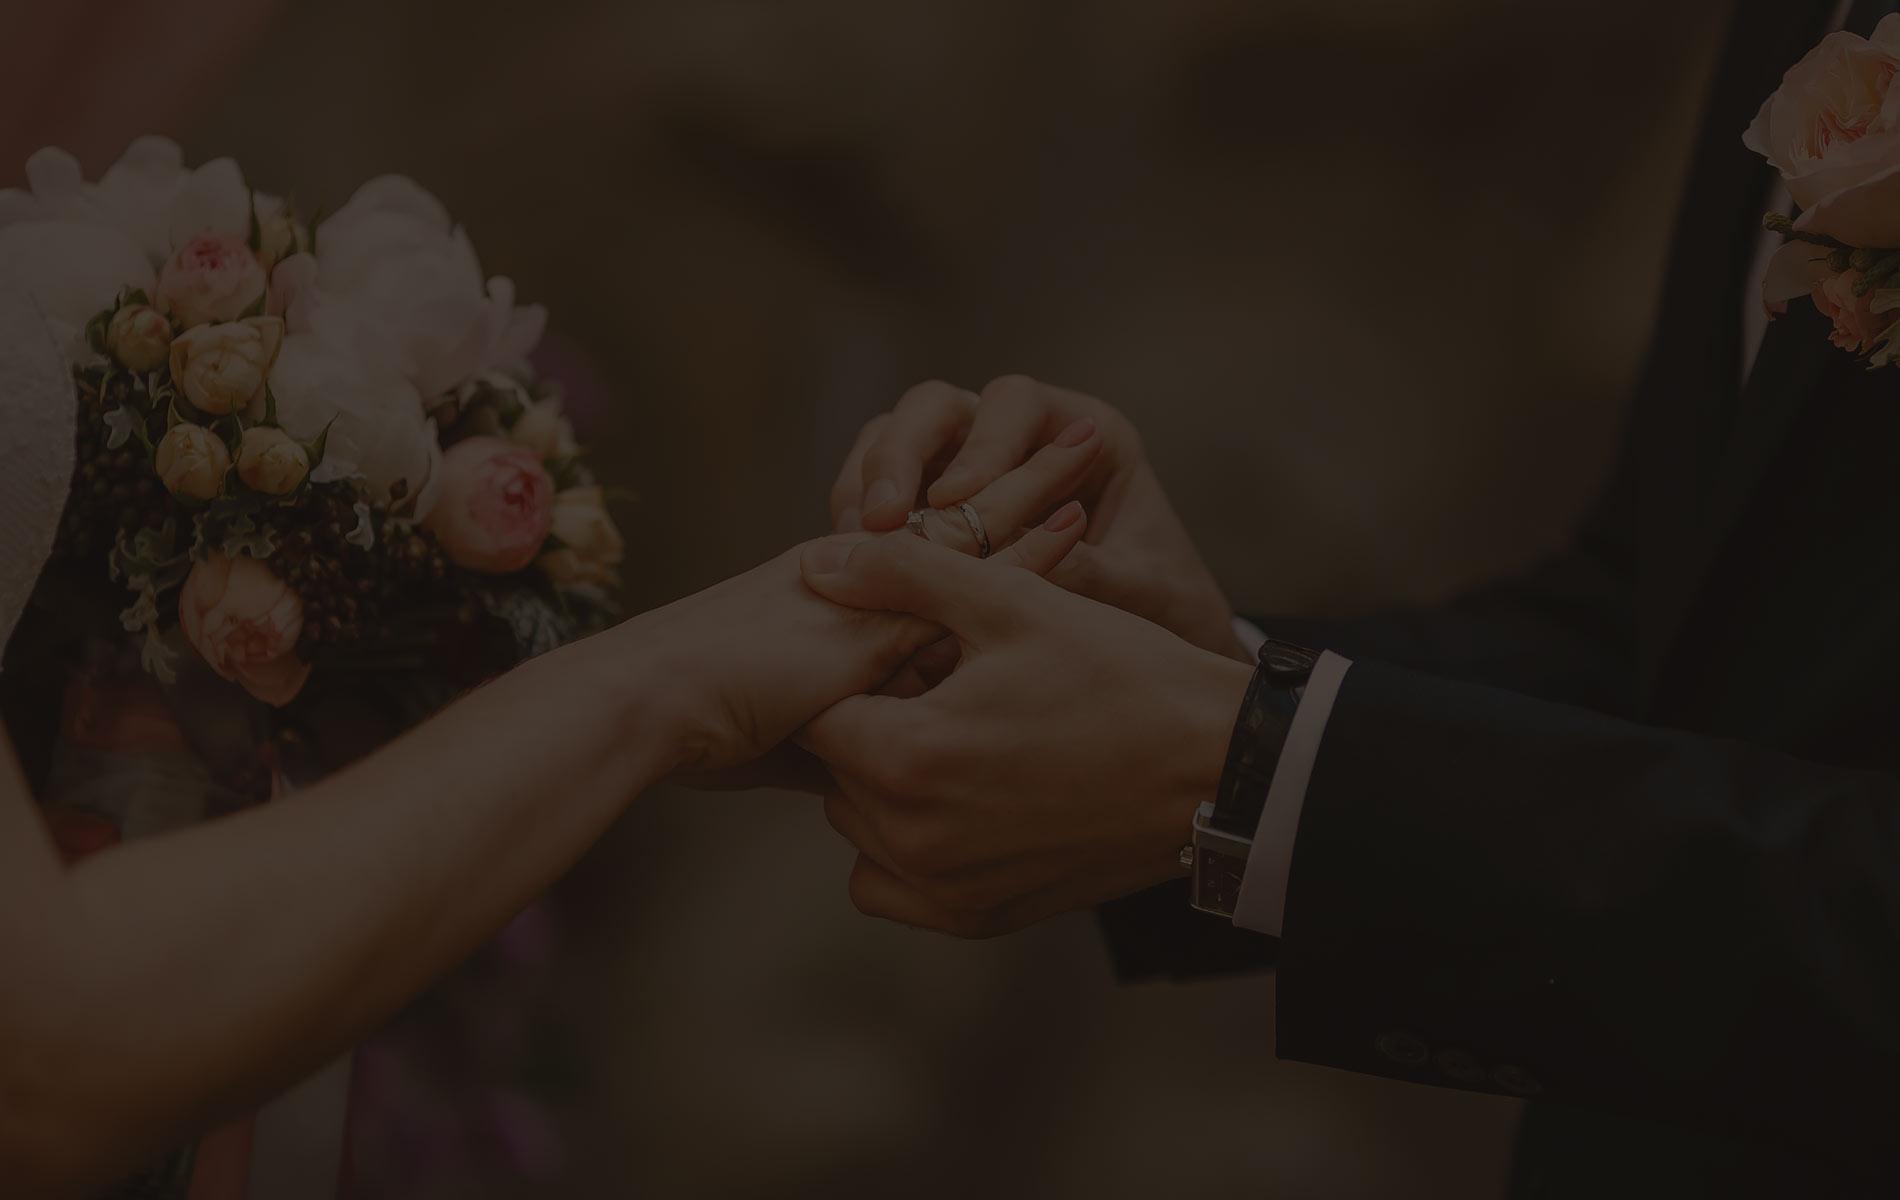 Hochzeiten / Geburtstage / Firmenfeiern / Weihnachtsfeiern